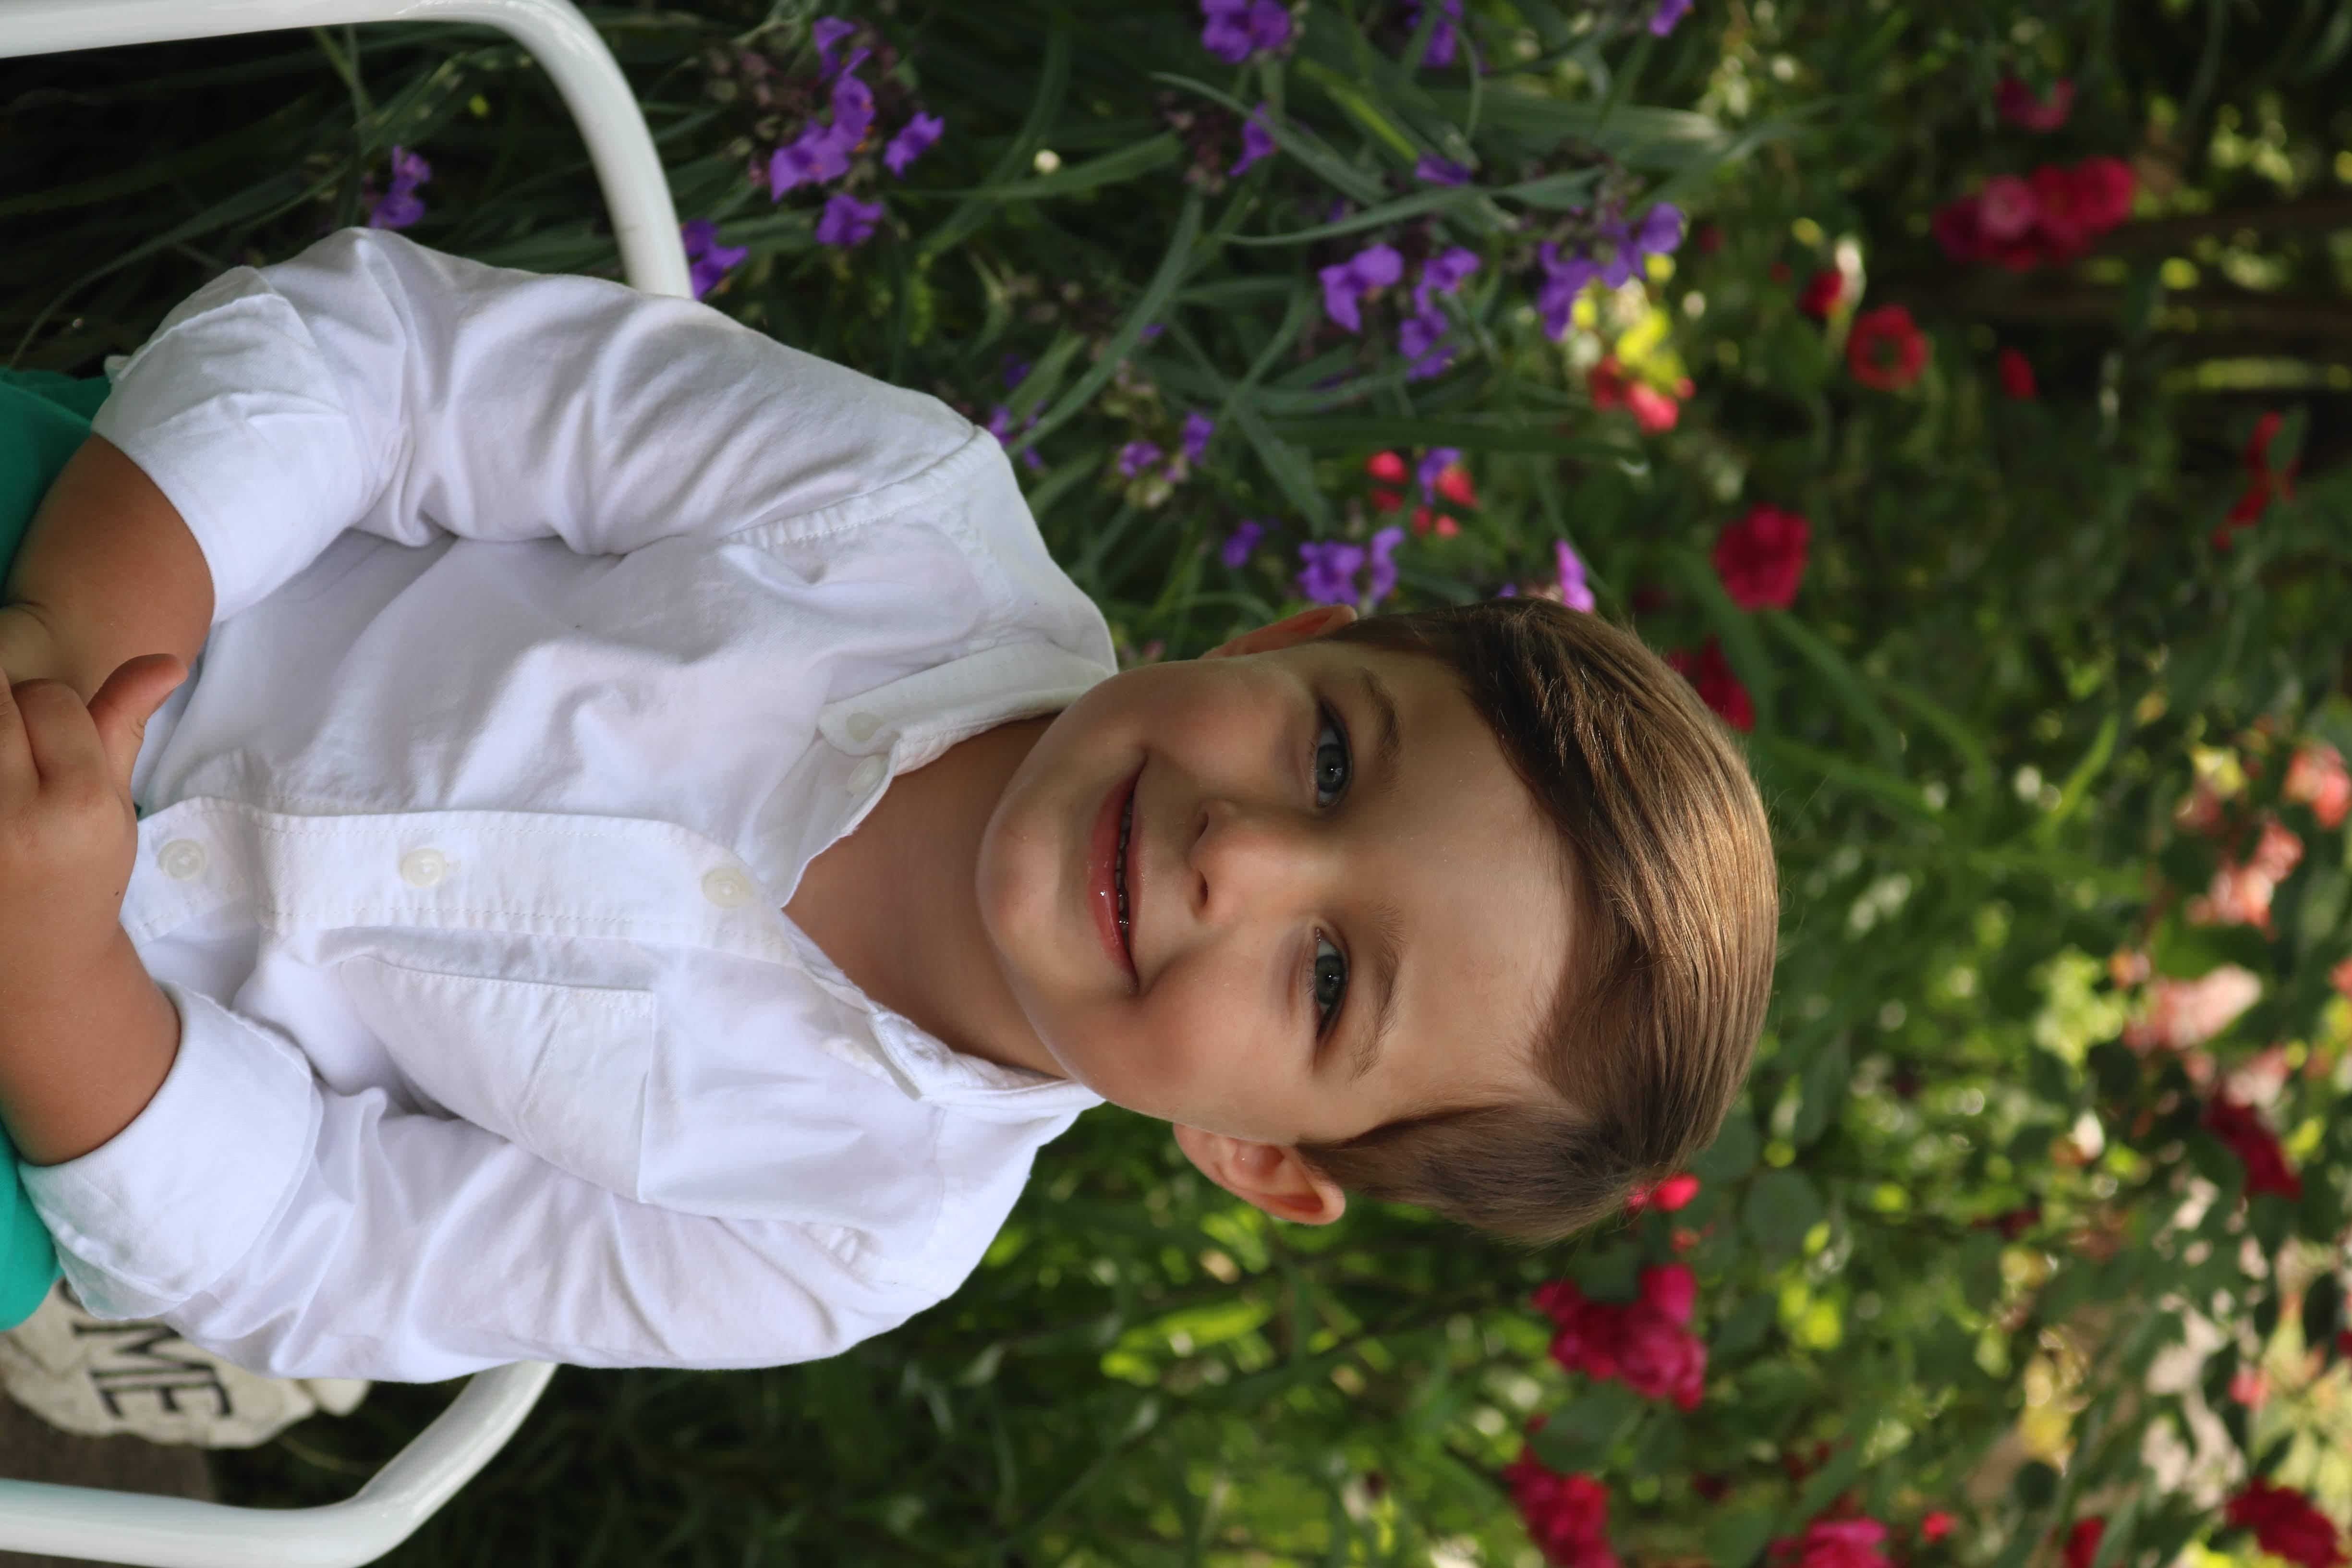 Boy white shirt 3